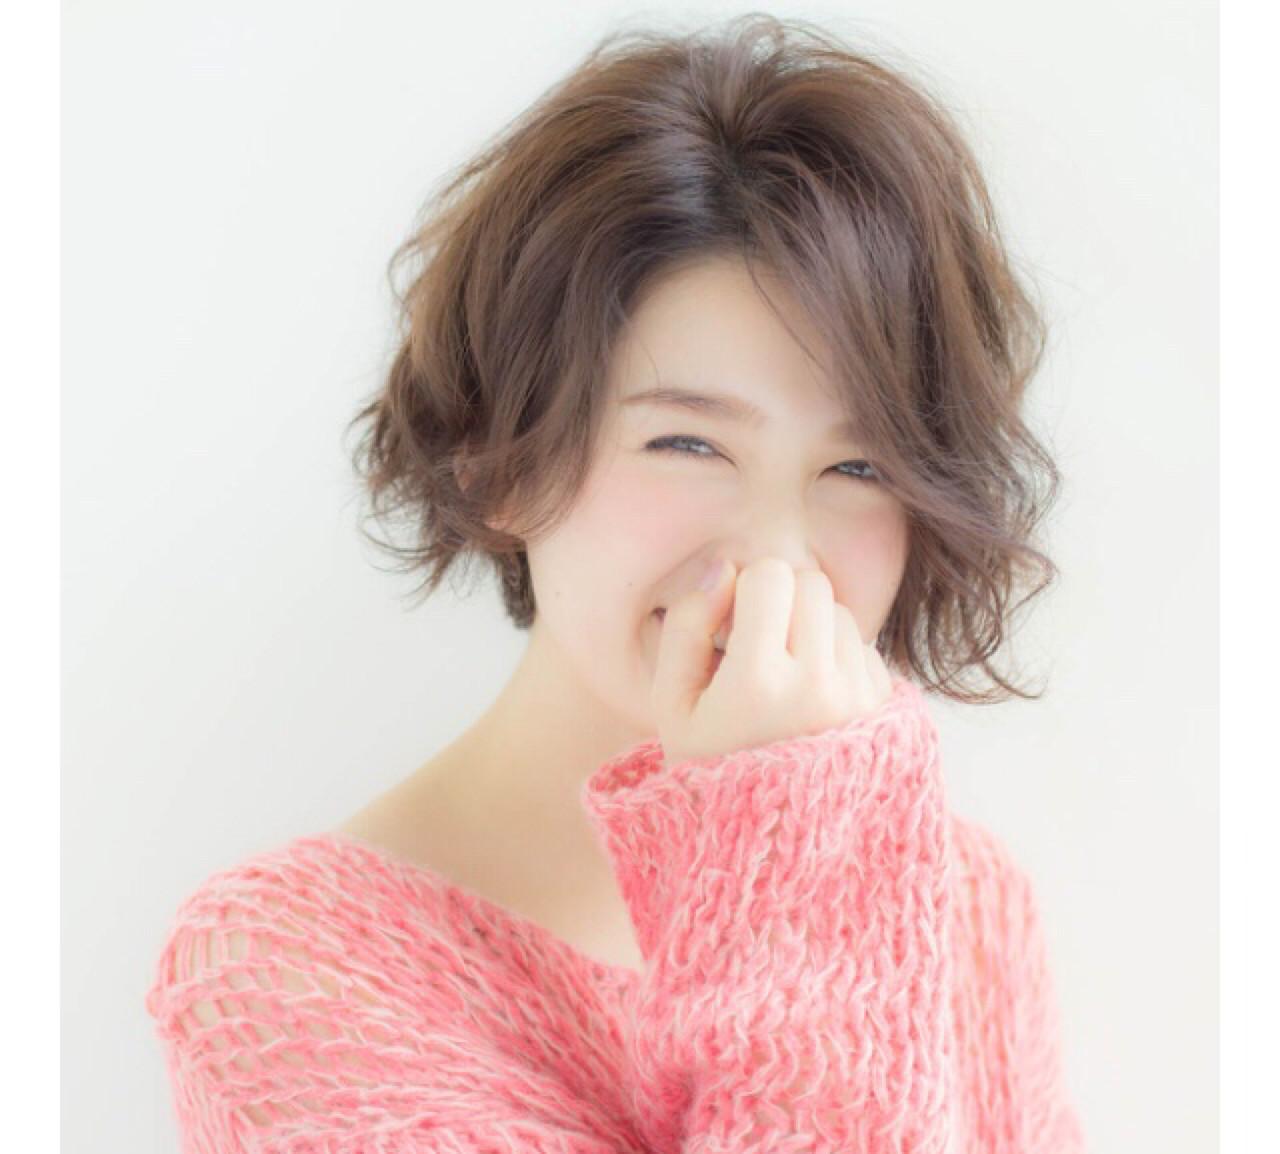 天然パーマを生かそう!くせ毛さん向けのパーマ髪型特集 幸恵宮原